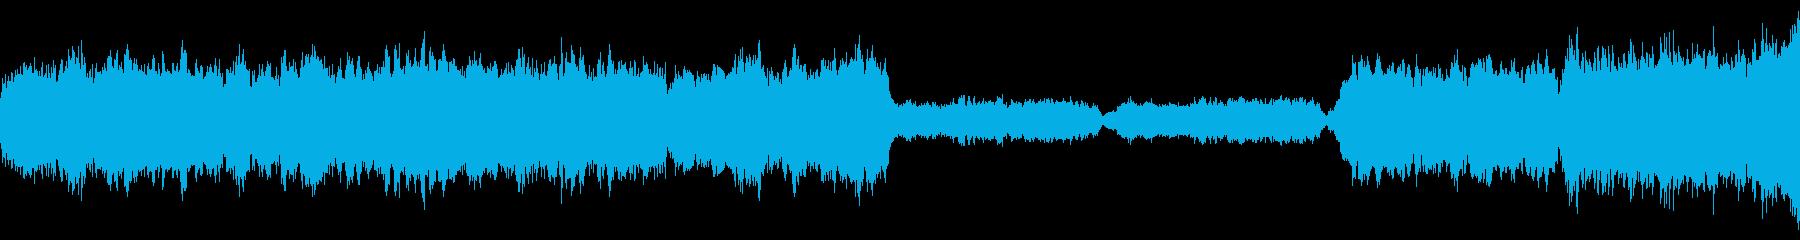 悲しいオーケストラの再生済みの波形